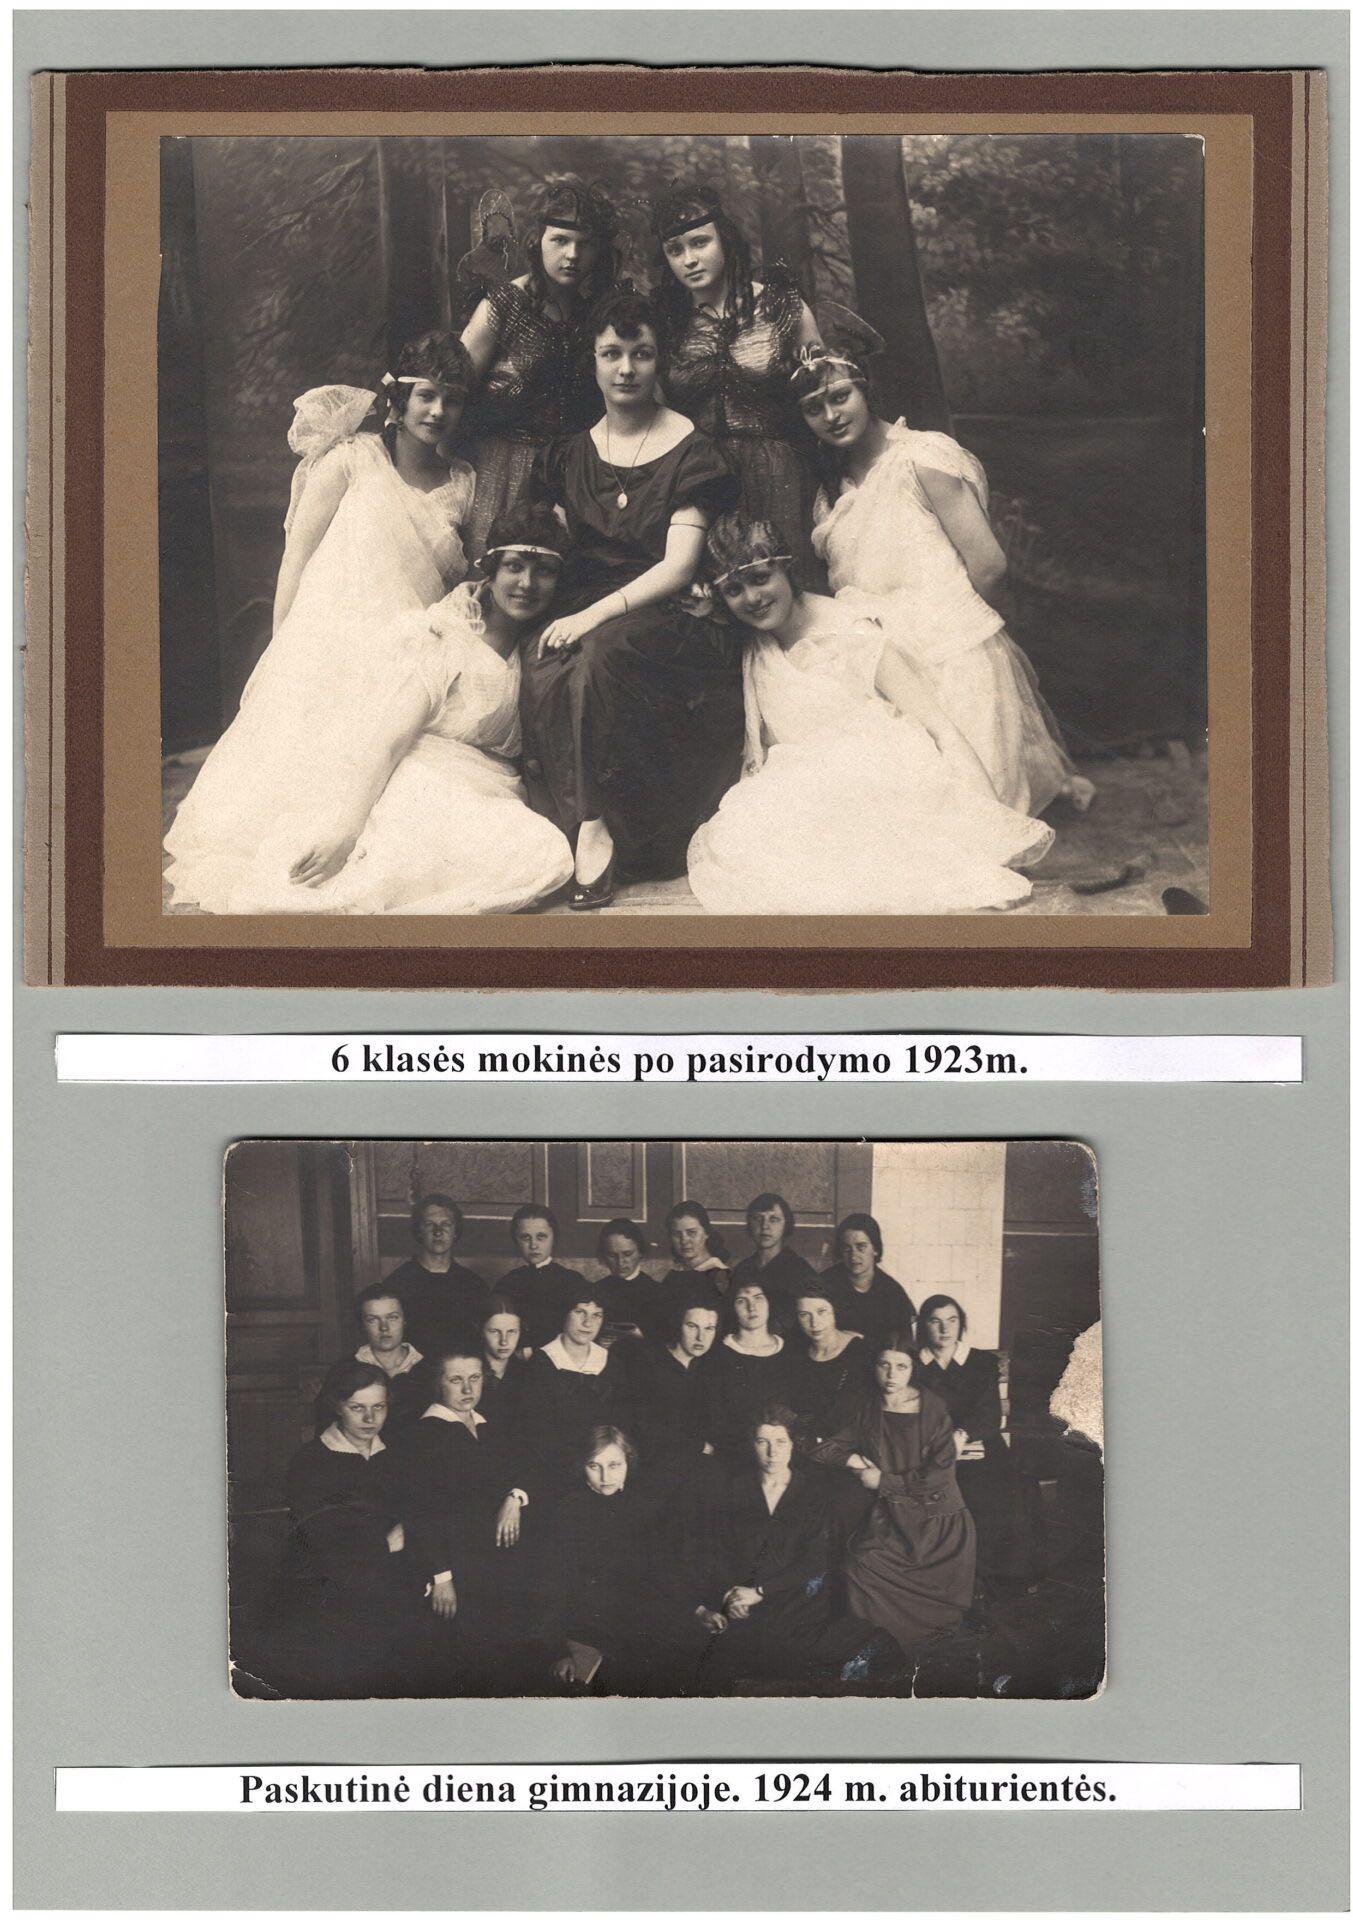 1923 m. - 1924 m.